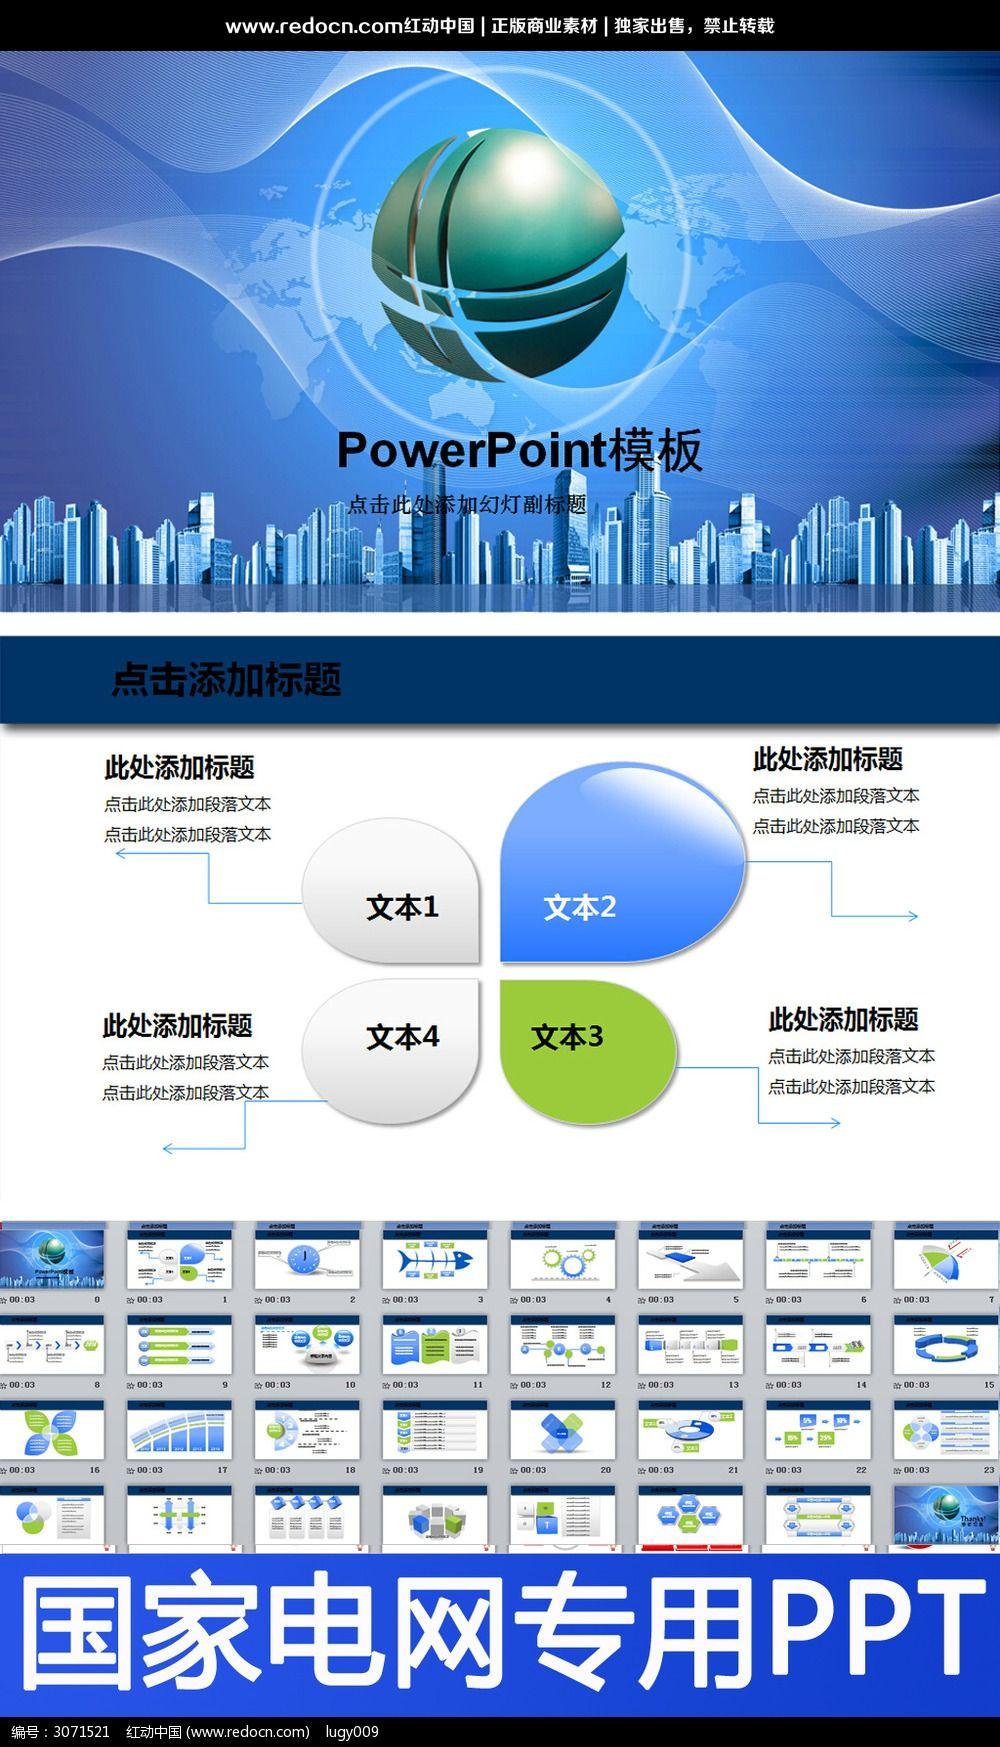 国家电网电力公司ppt模版设计模板下载(编号:3071521)